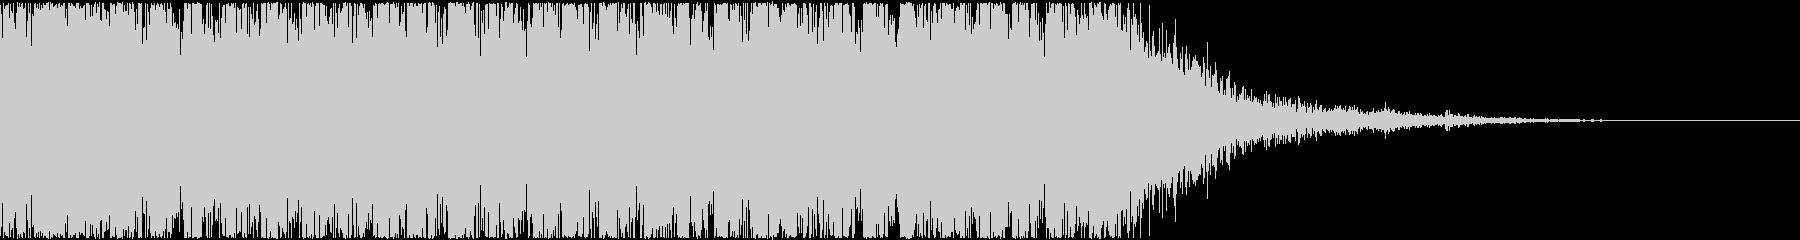 重めの発砲音(連射)とマガジンの音の未再生の波形